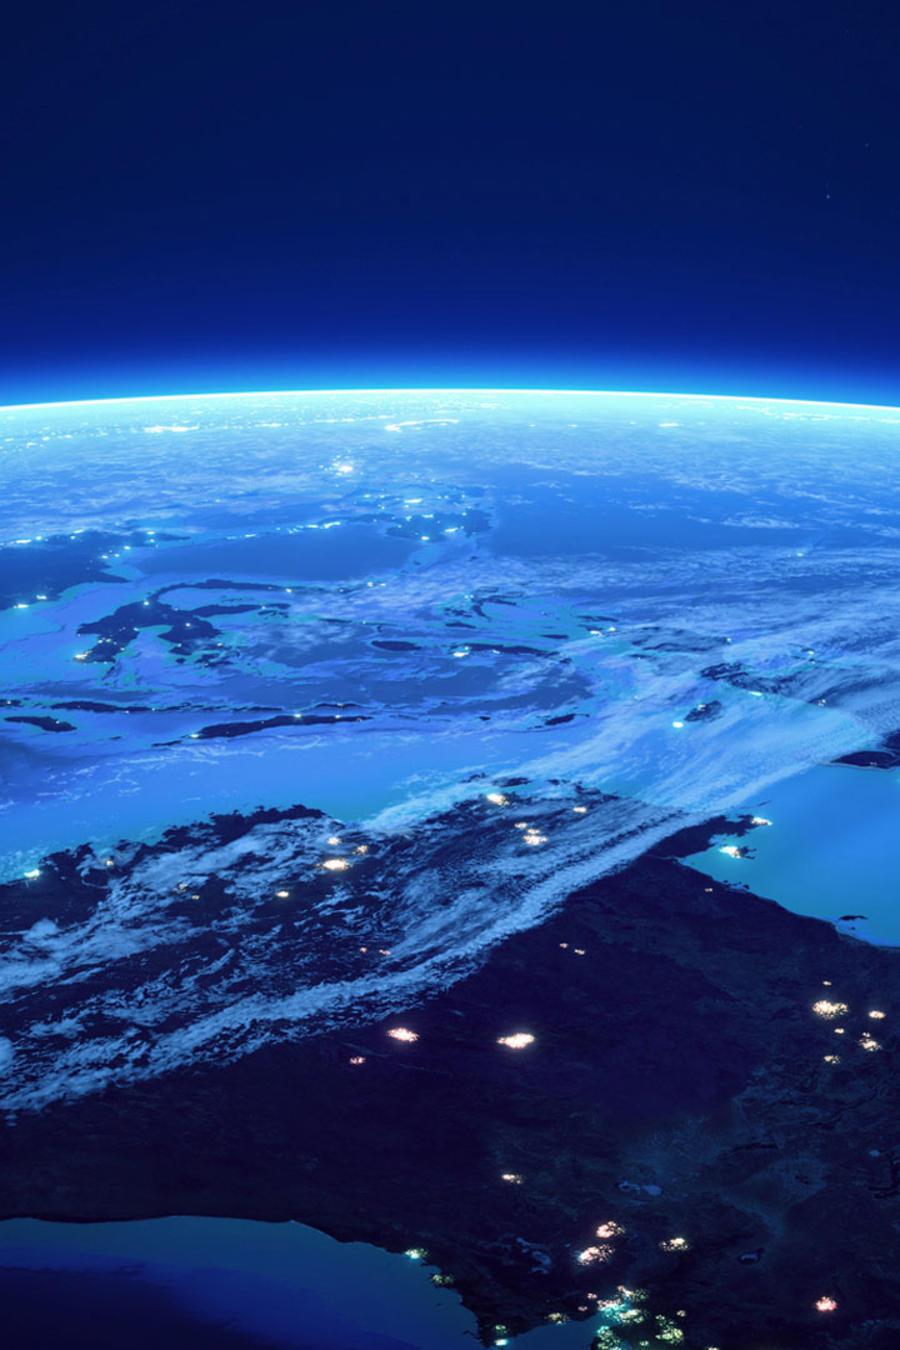 Planeta de noche, visto desde el espacio